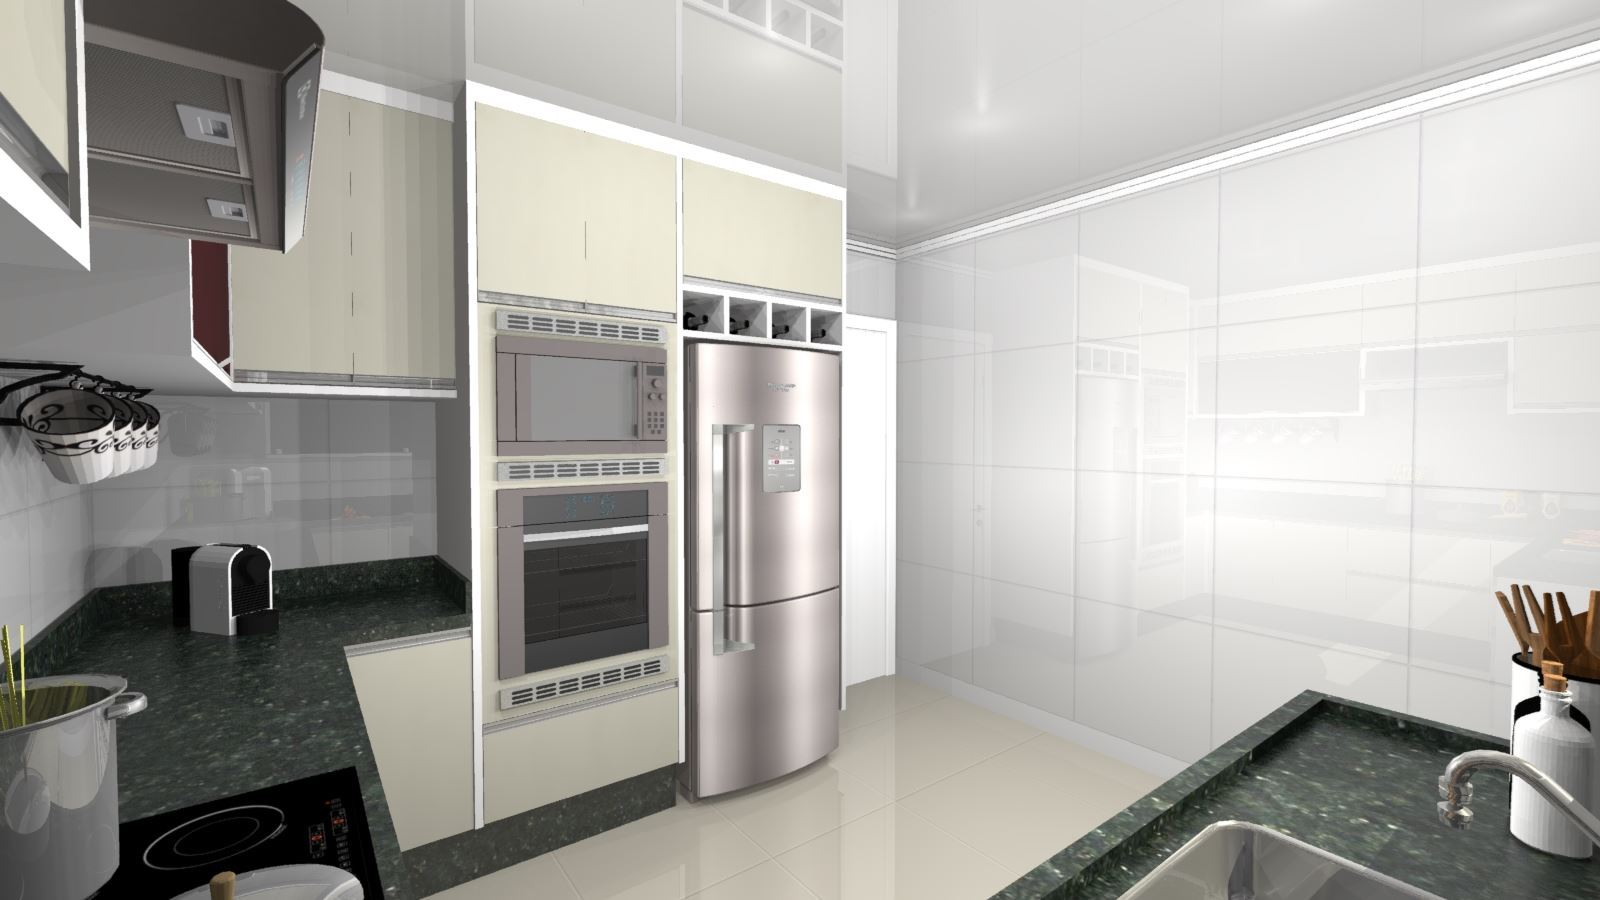 Cozinha Planejada Pequena Apartamento- Visão Lateral